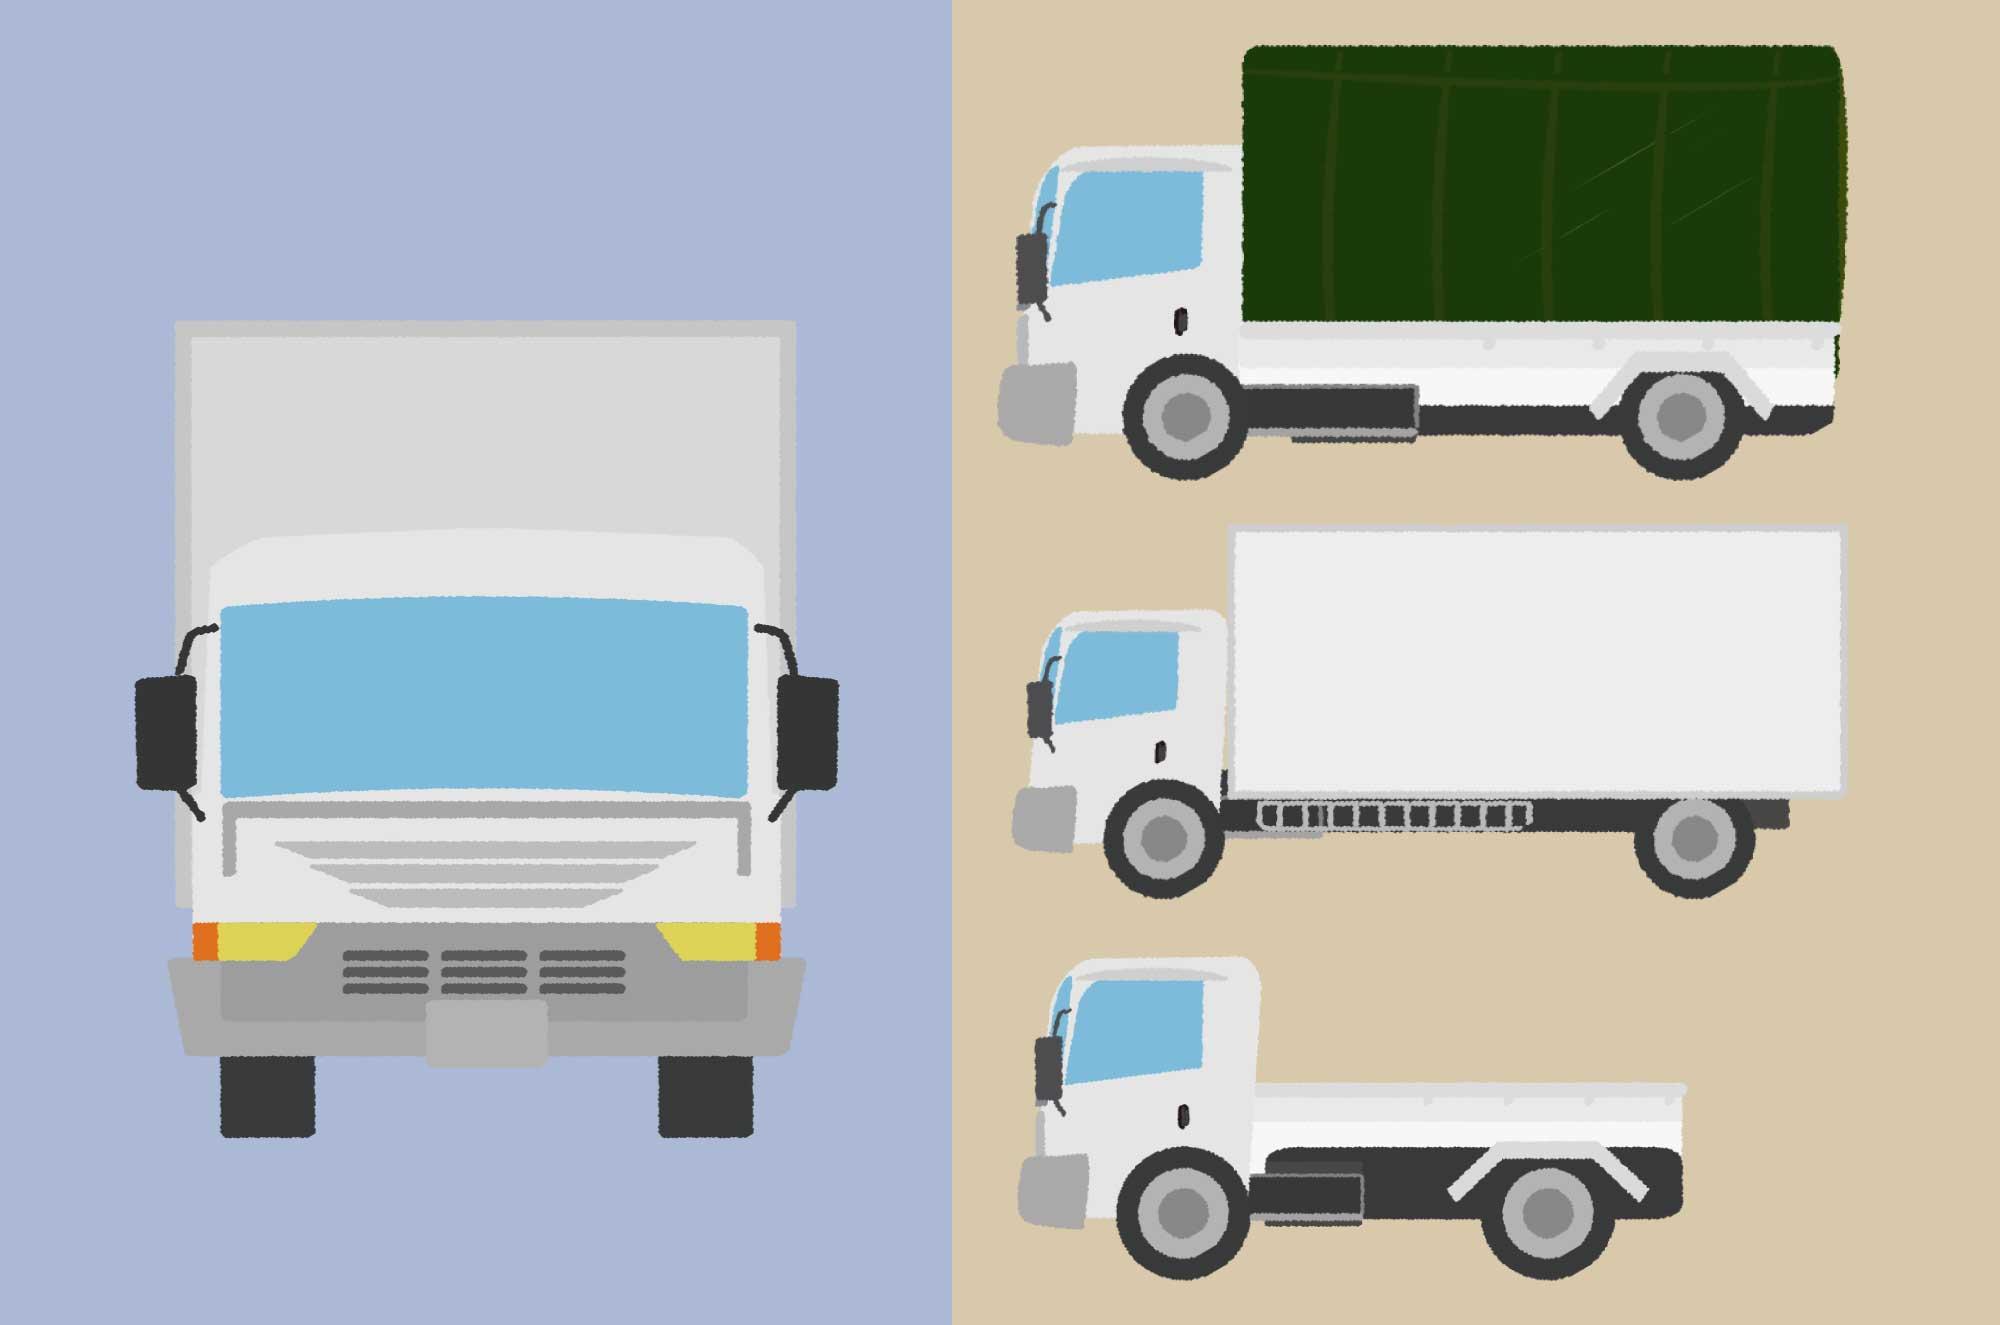 トラックのイラスト - 可愛い・シルエット・正面素材